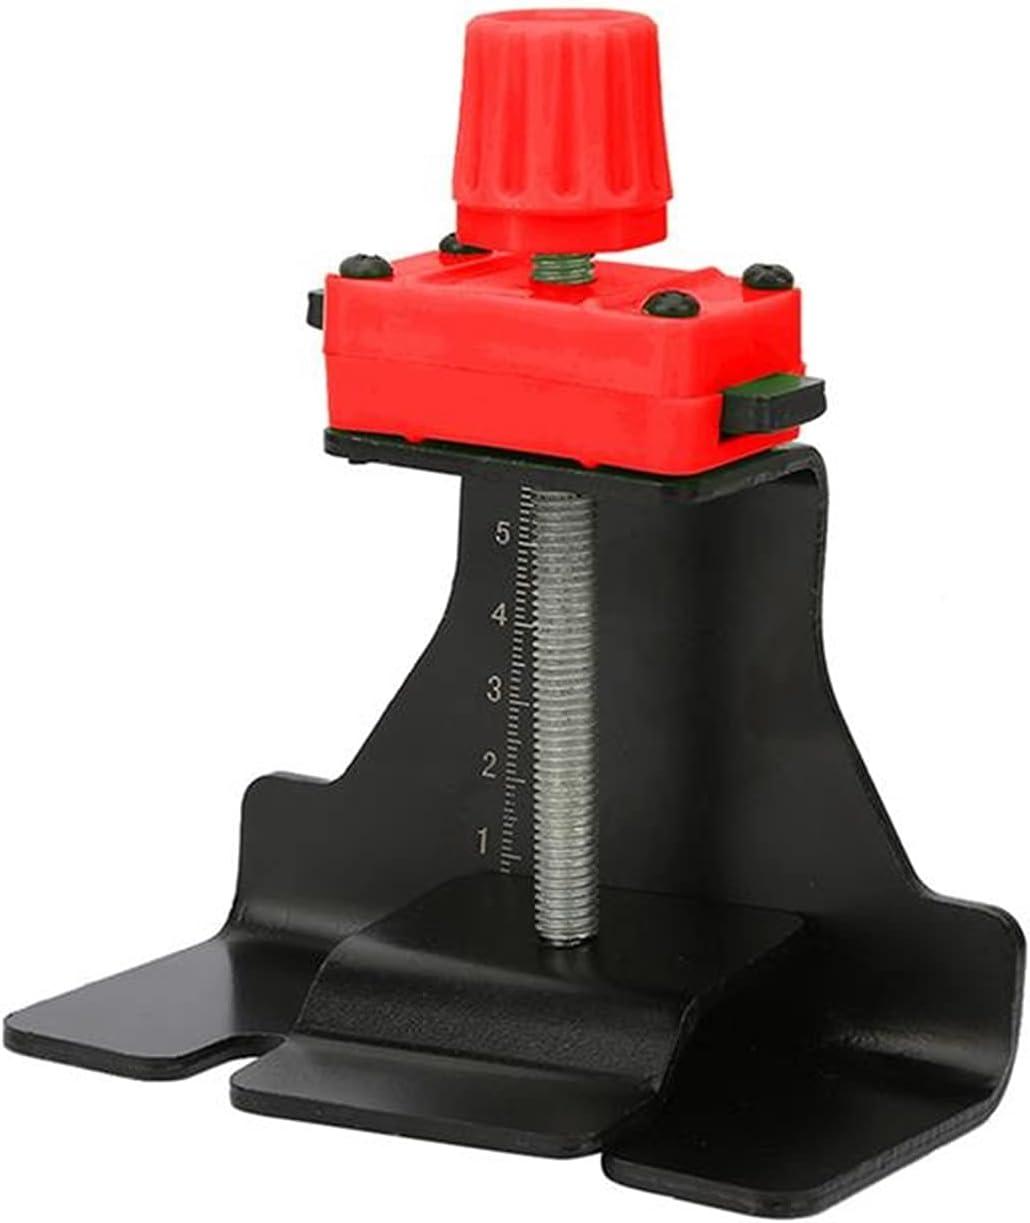 BAUSE Tile Deluxe Height Adjustment specialty shop 500KG Manual Regulator Loaded